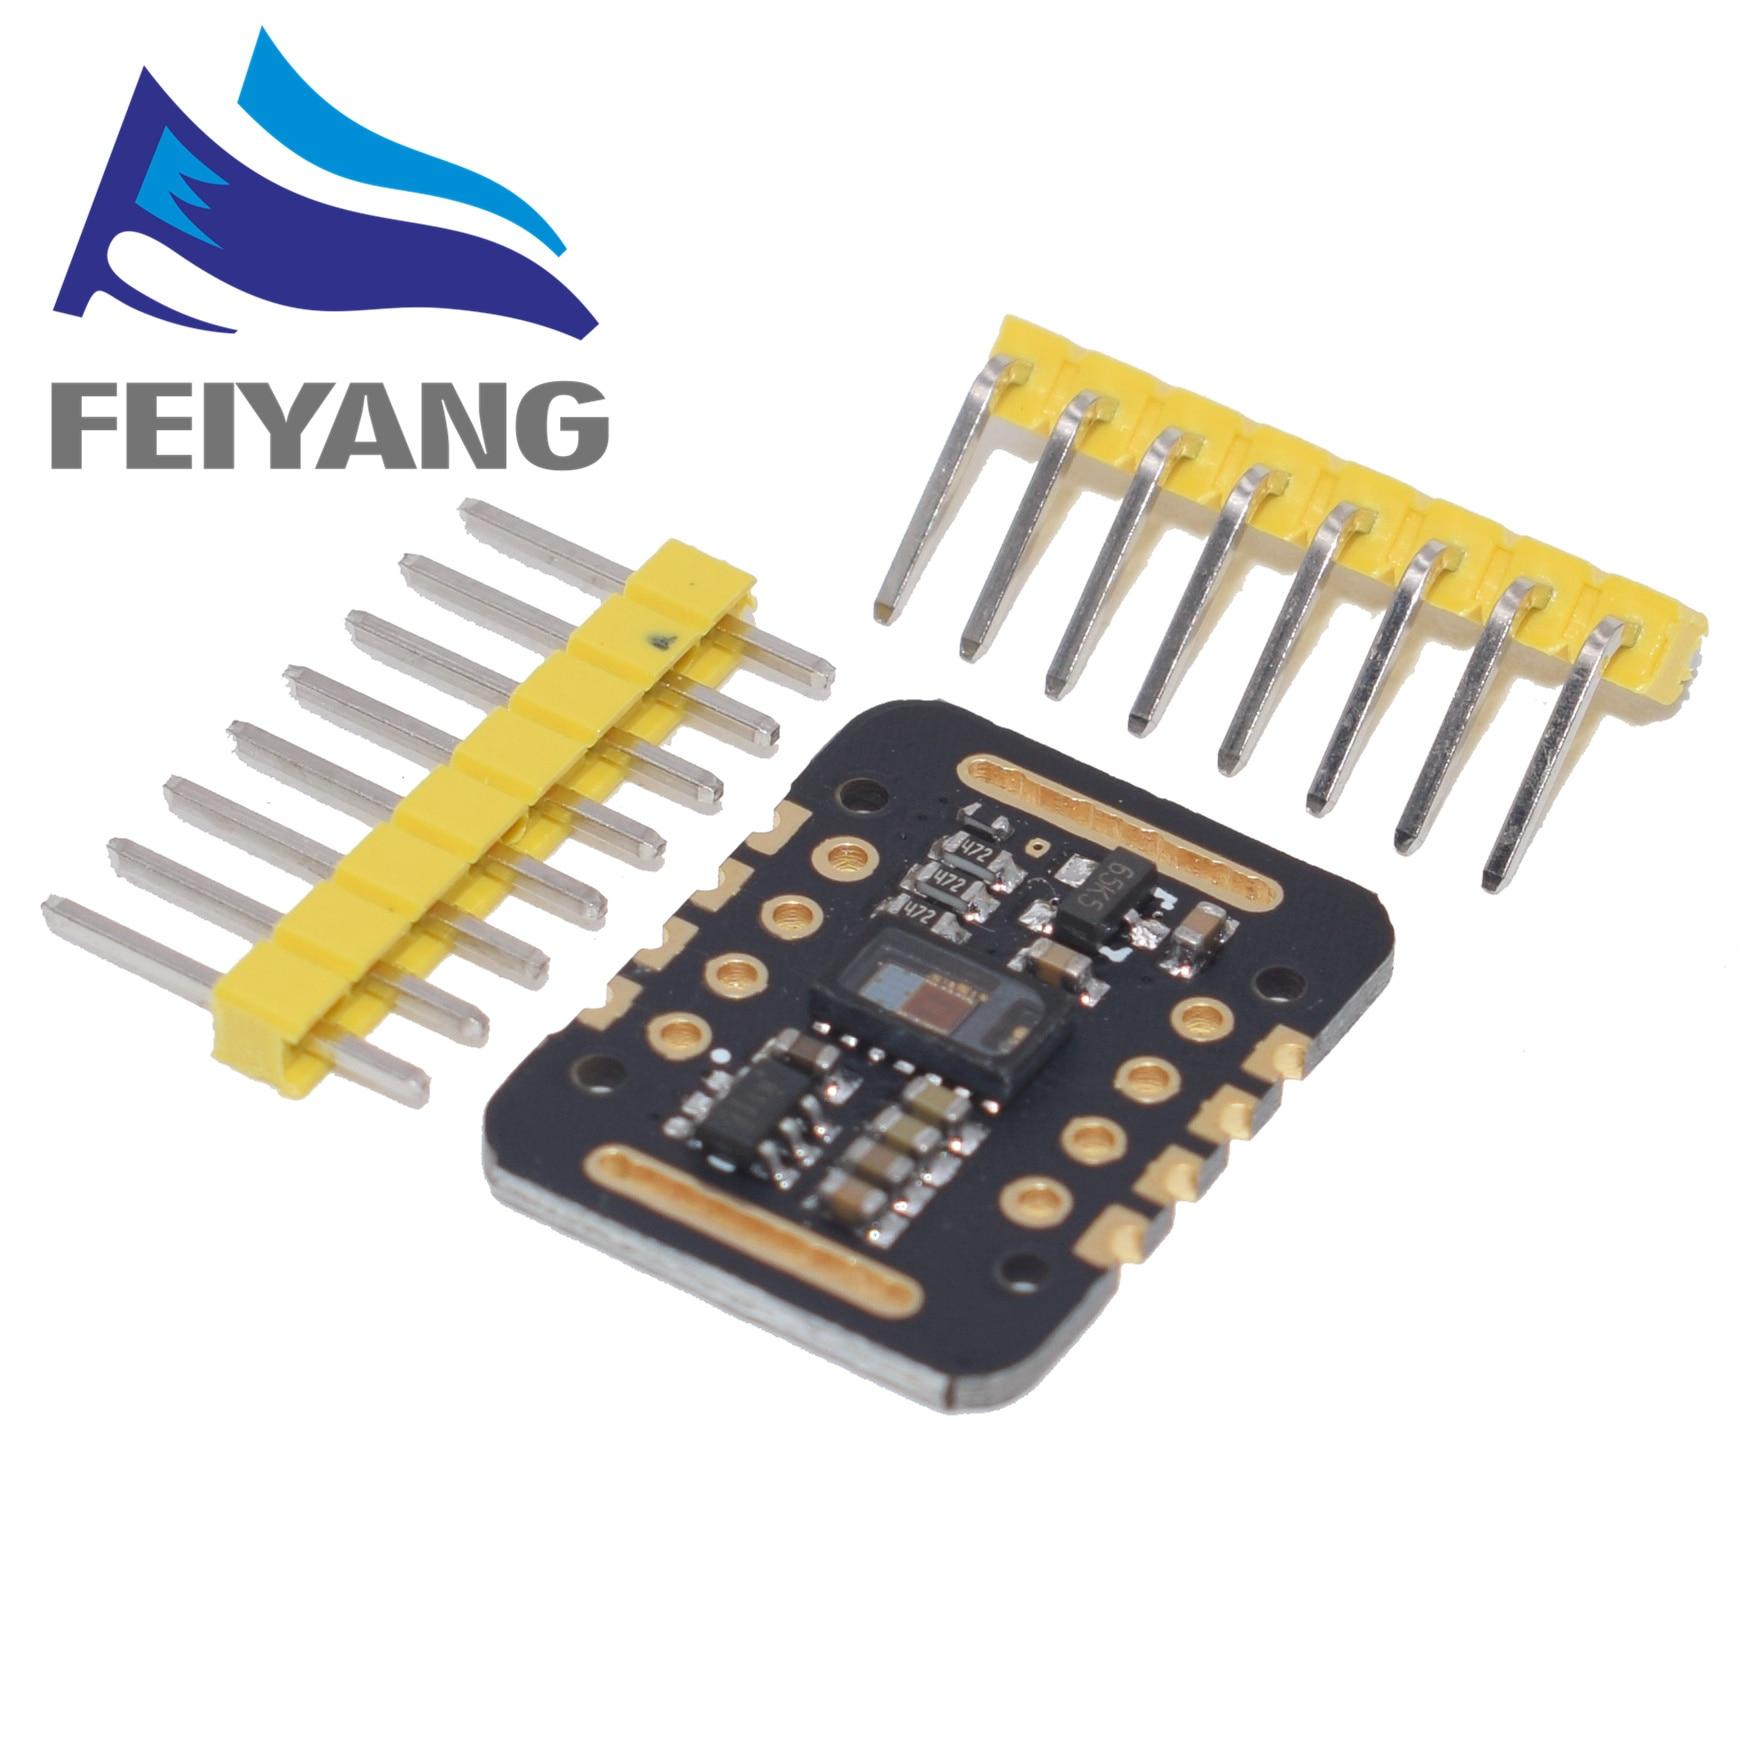 Модуль датчика сердечного ритма MAX30102, обнаружение пульса, тест на концентрацию кислорода в крови для Arduino, сверхнизкий уровень мощности